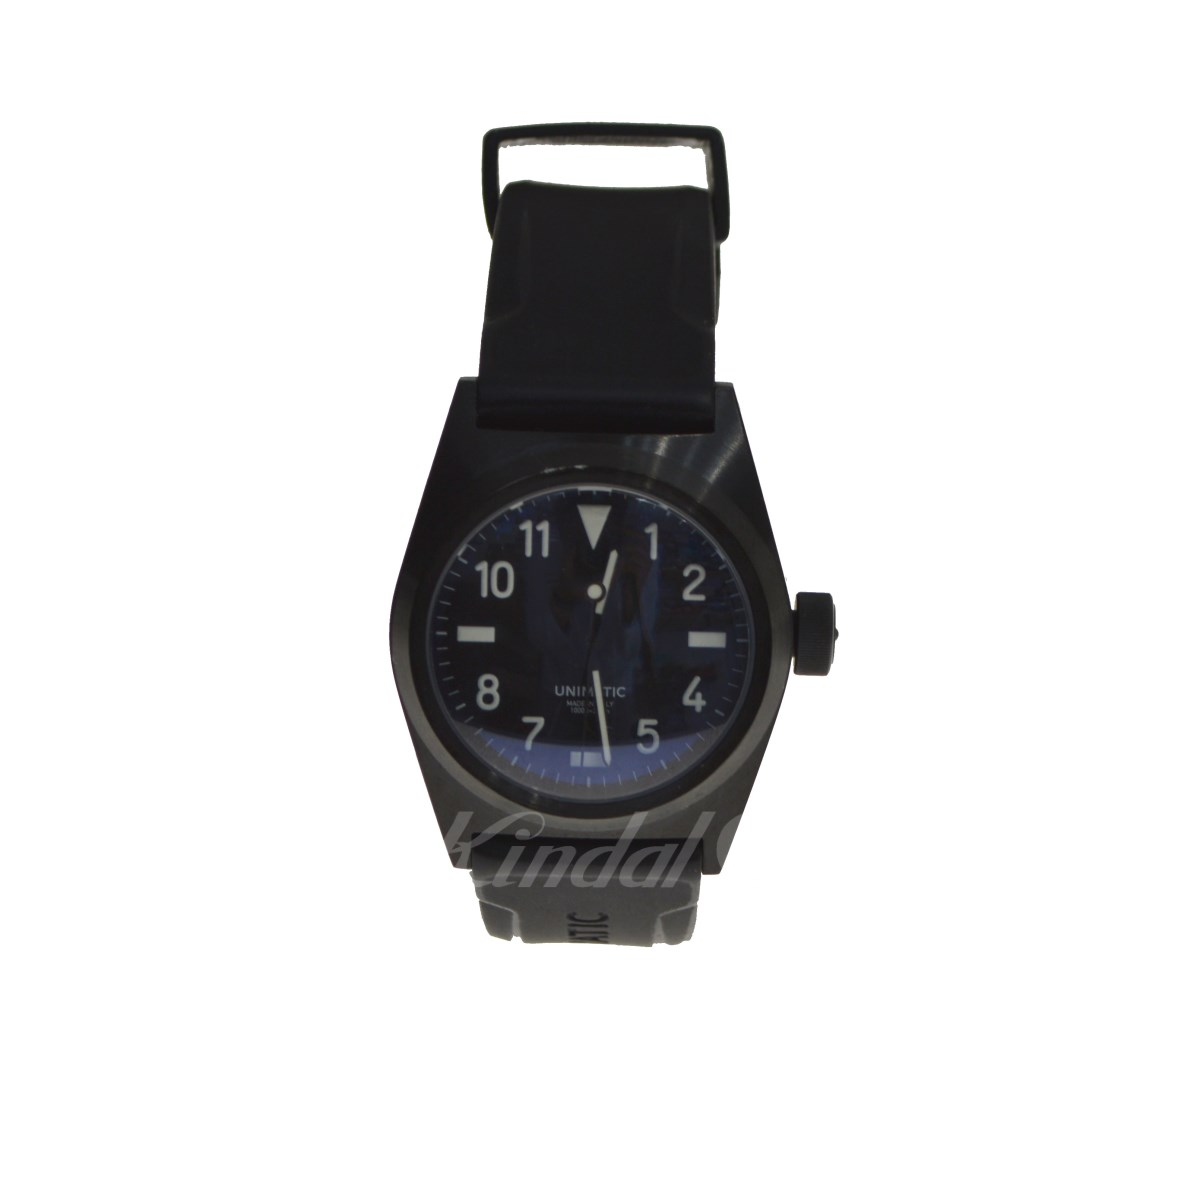 【中古】UNIMATIC U2-BN 250個限定 腕時計 【送料無料】 【122849】 【KIND1550】